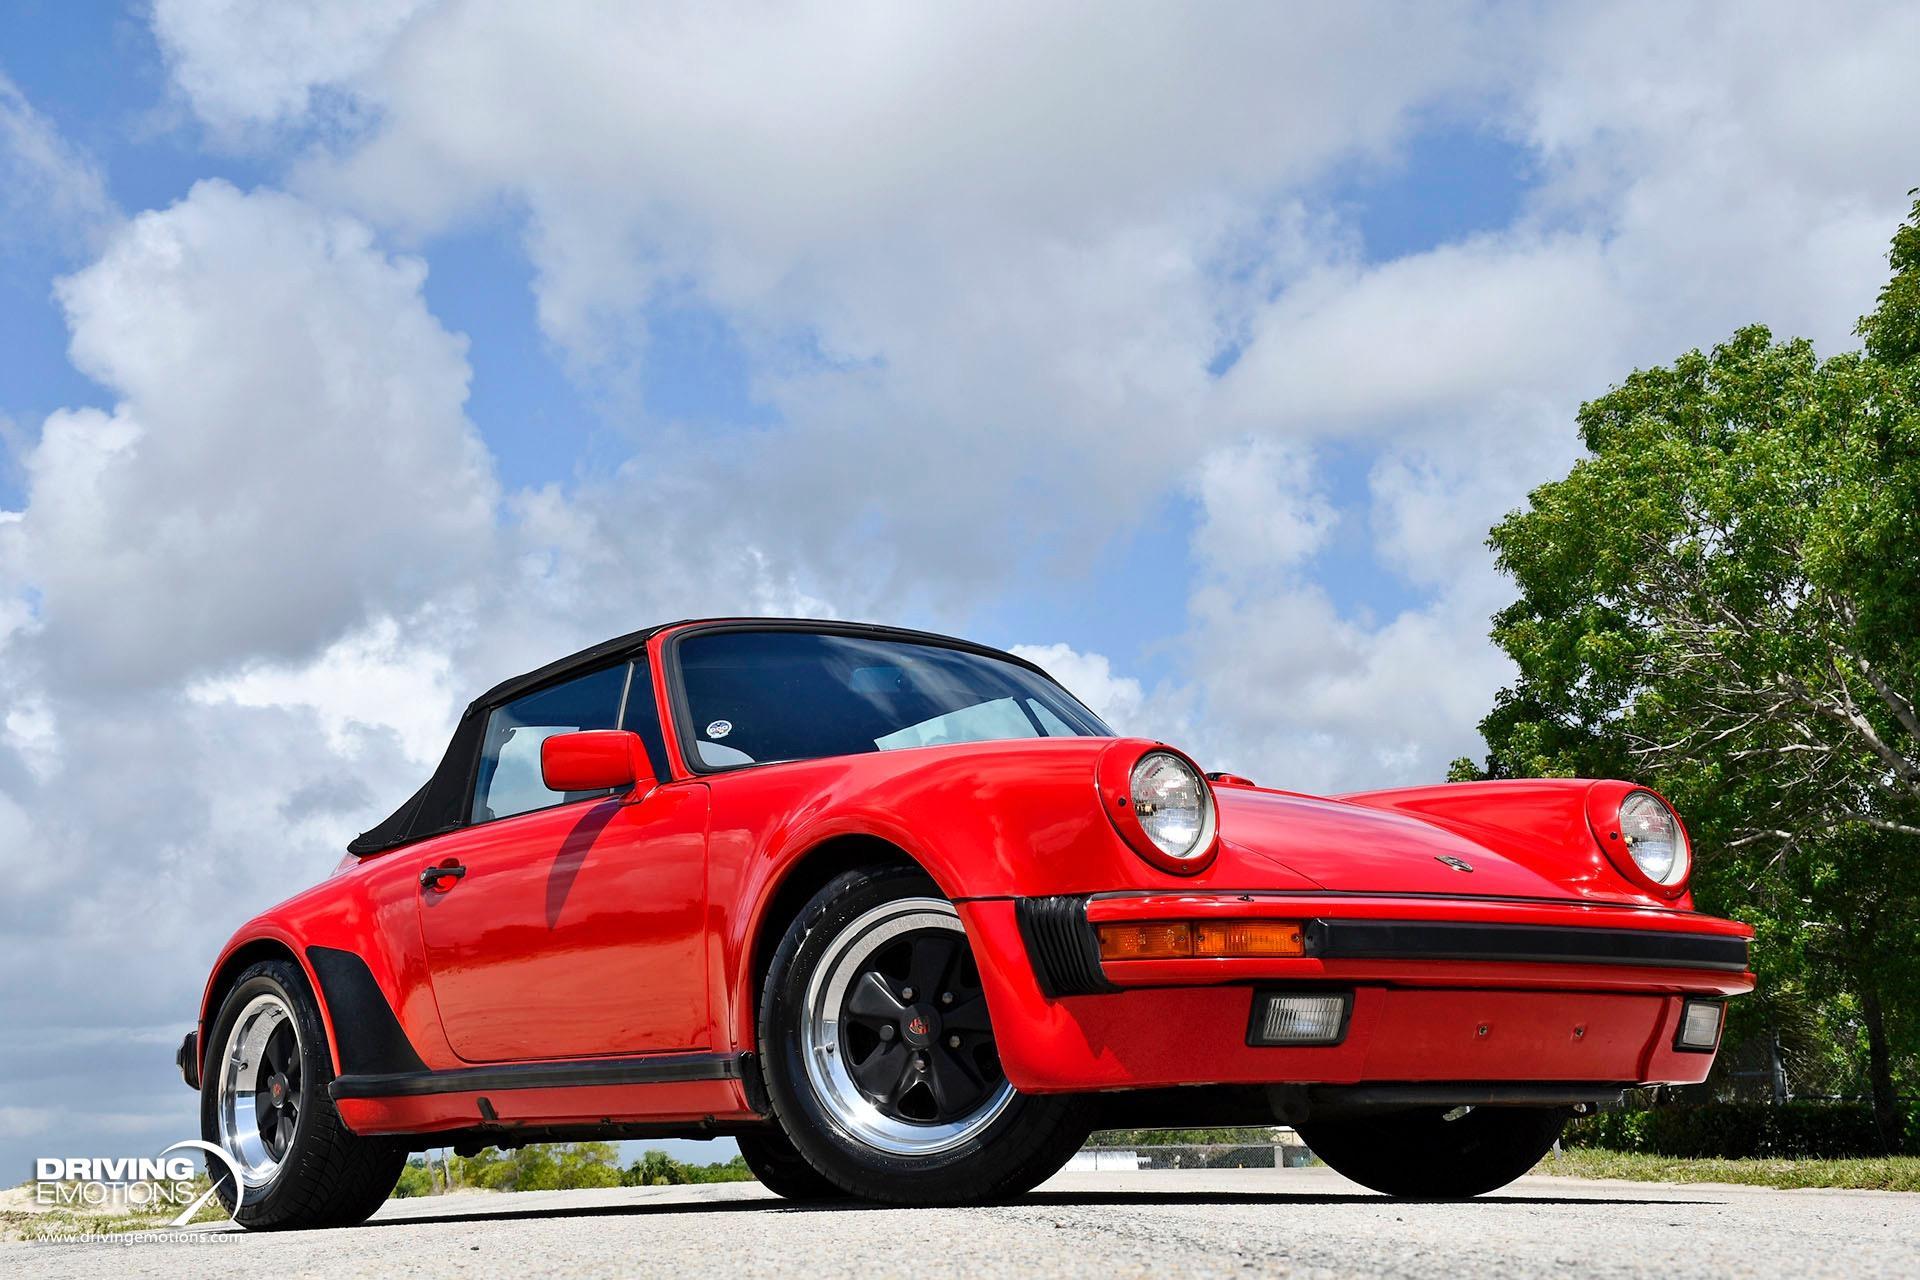 Used 1986 Porsche 911 Carrera Cabriolet M491/M470 Turbo Look Spoiler Delete! RARE!! | Lake Park, FL